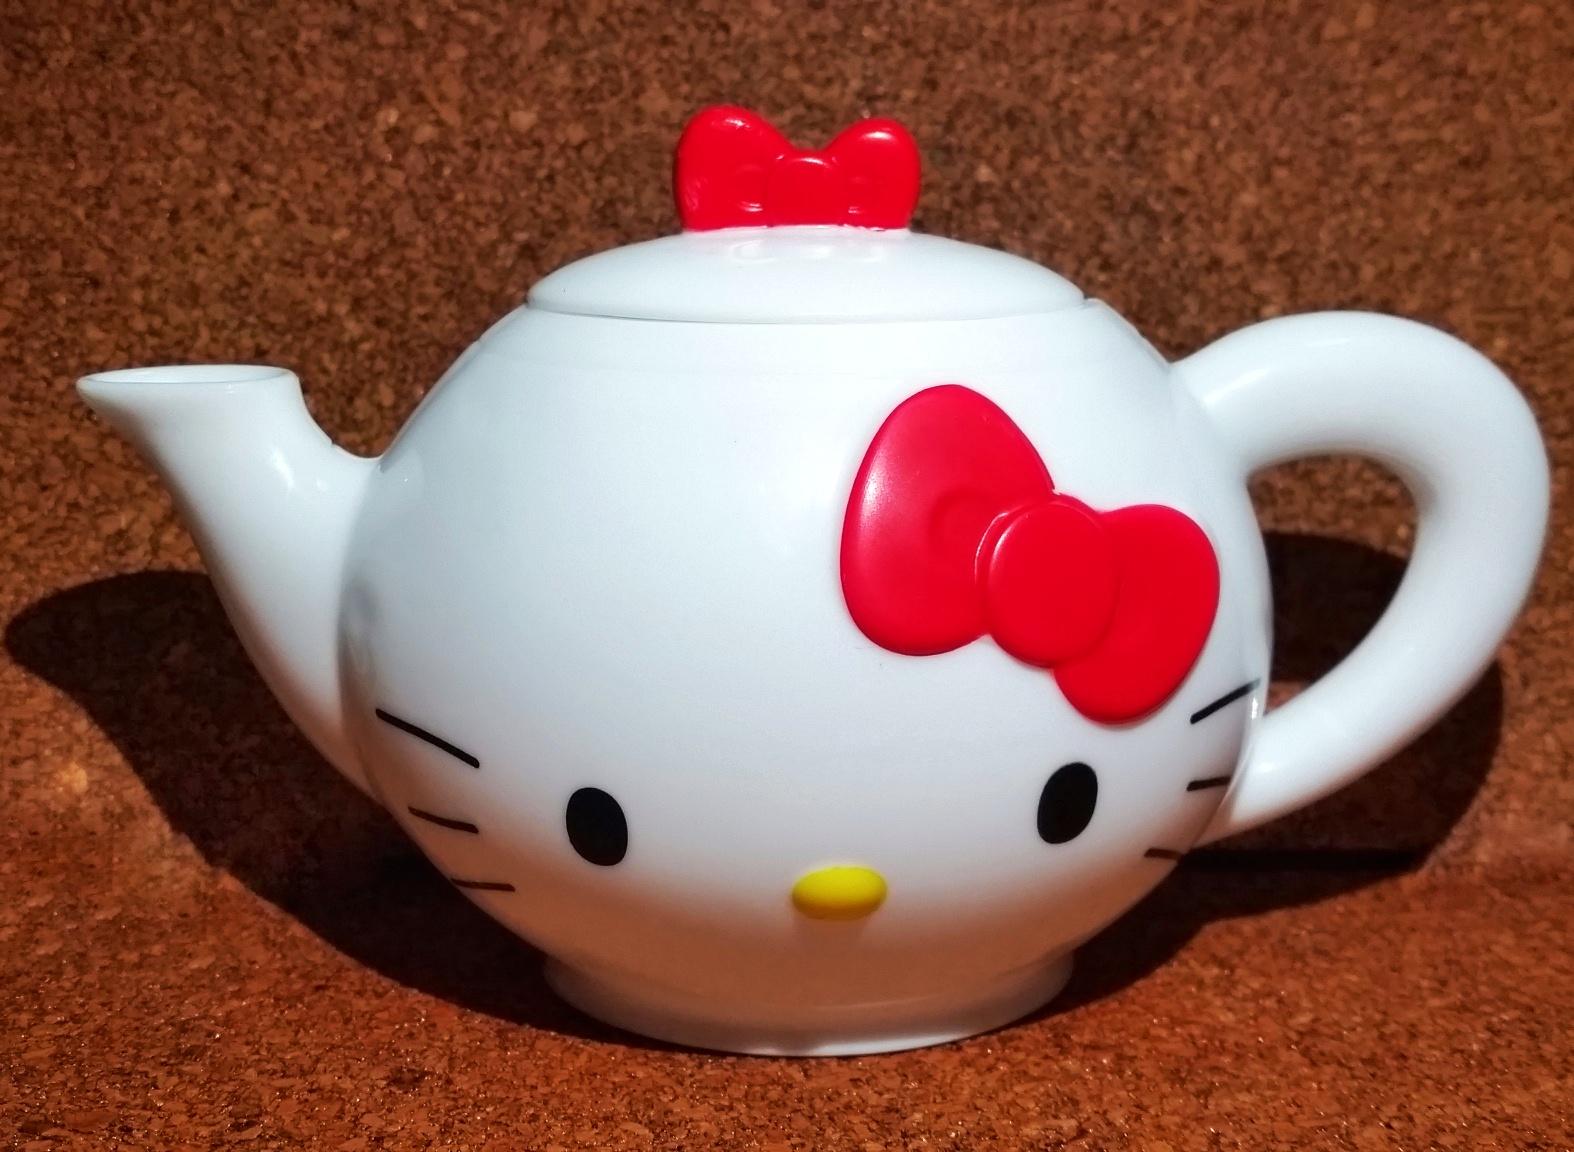 Hello Kitty Mcdonald S Toys : Ben ultimate alien and hello kitty set of mcdonald s